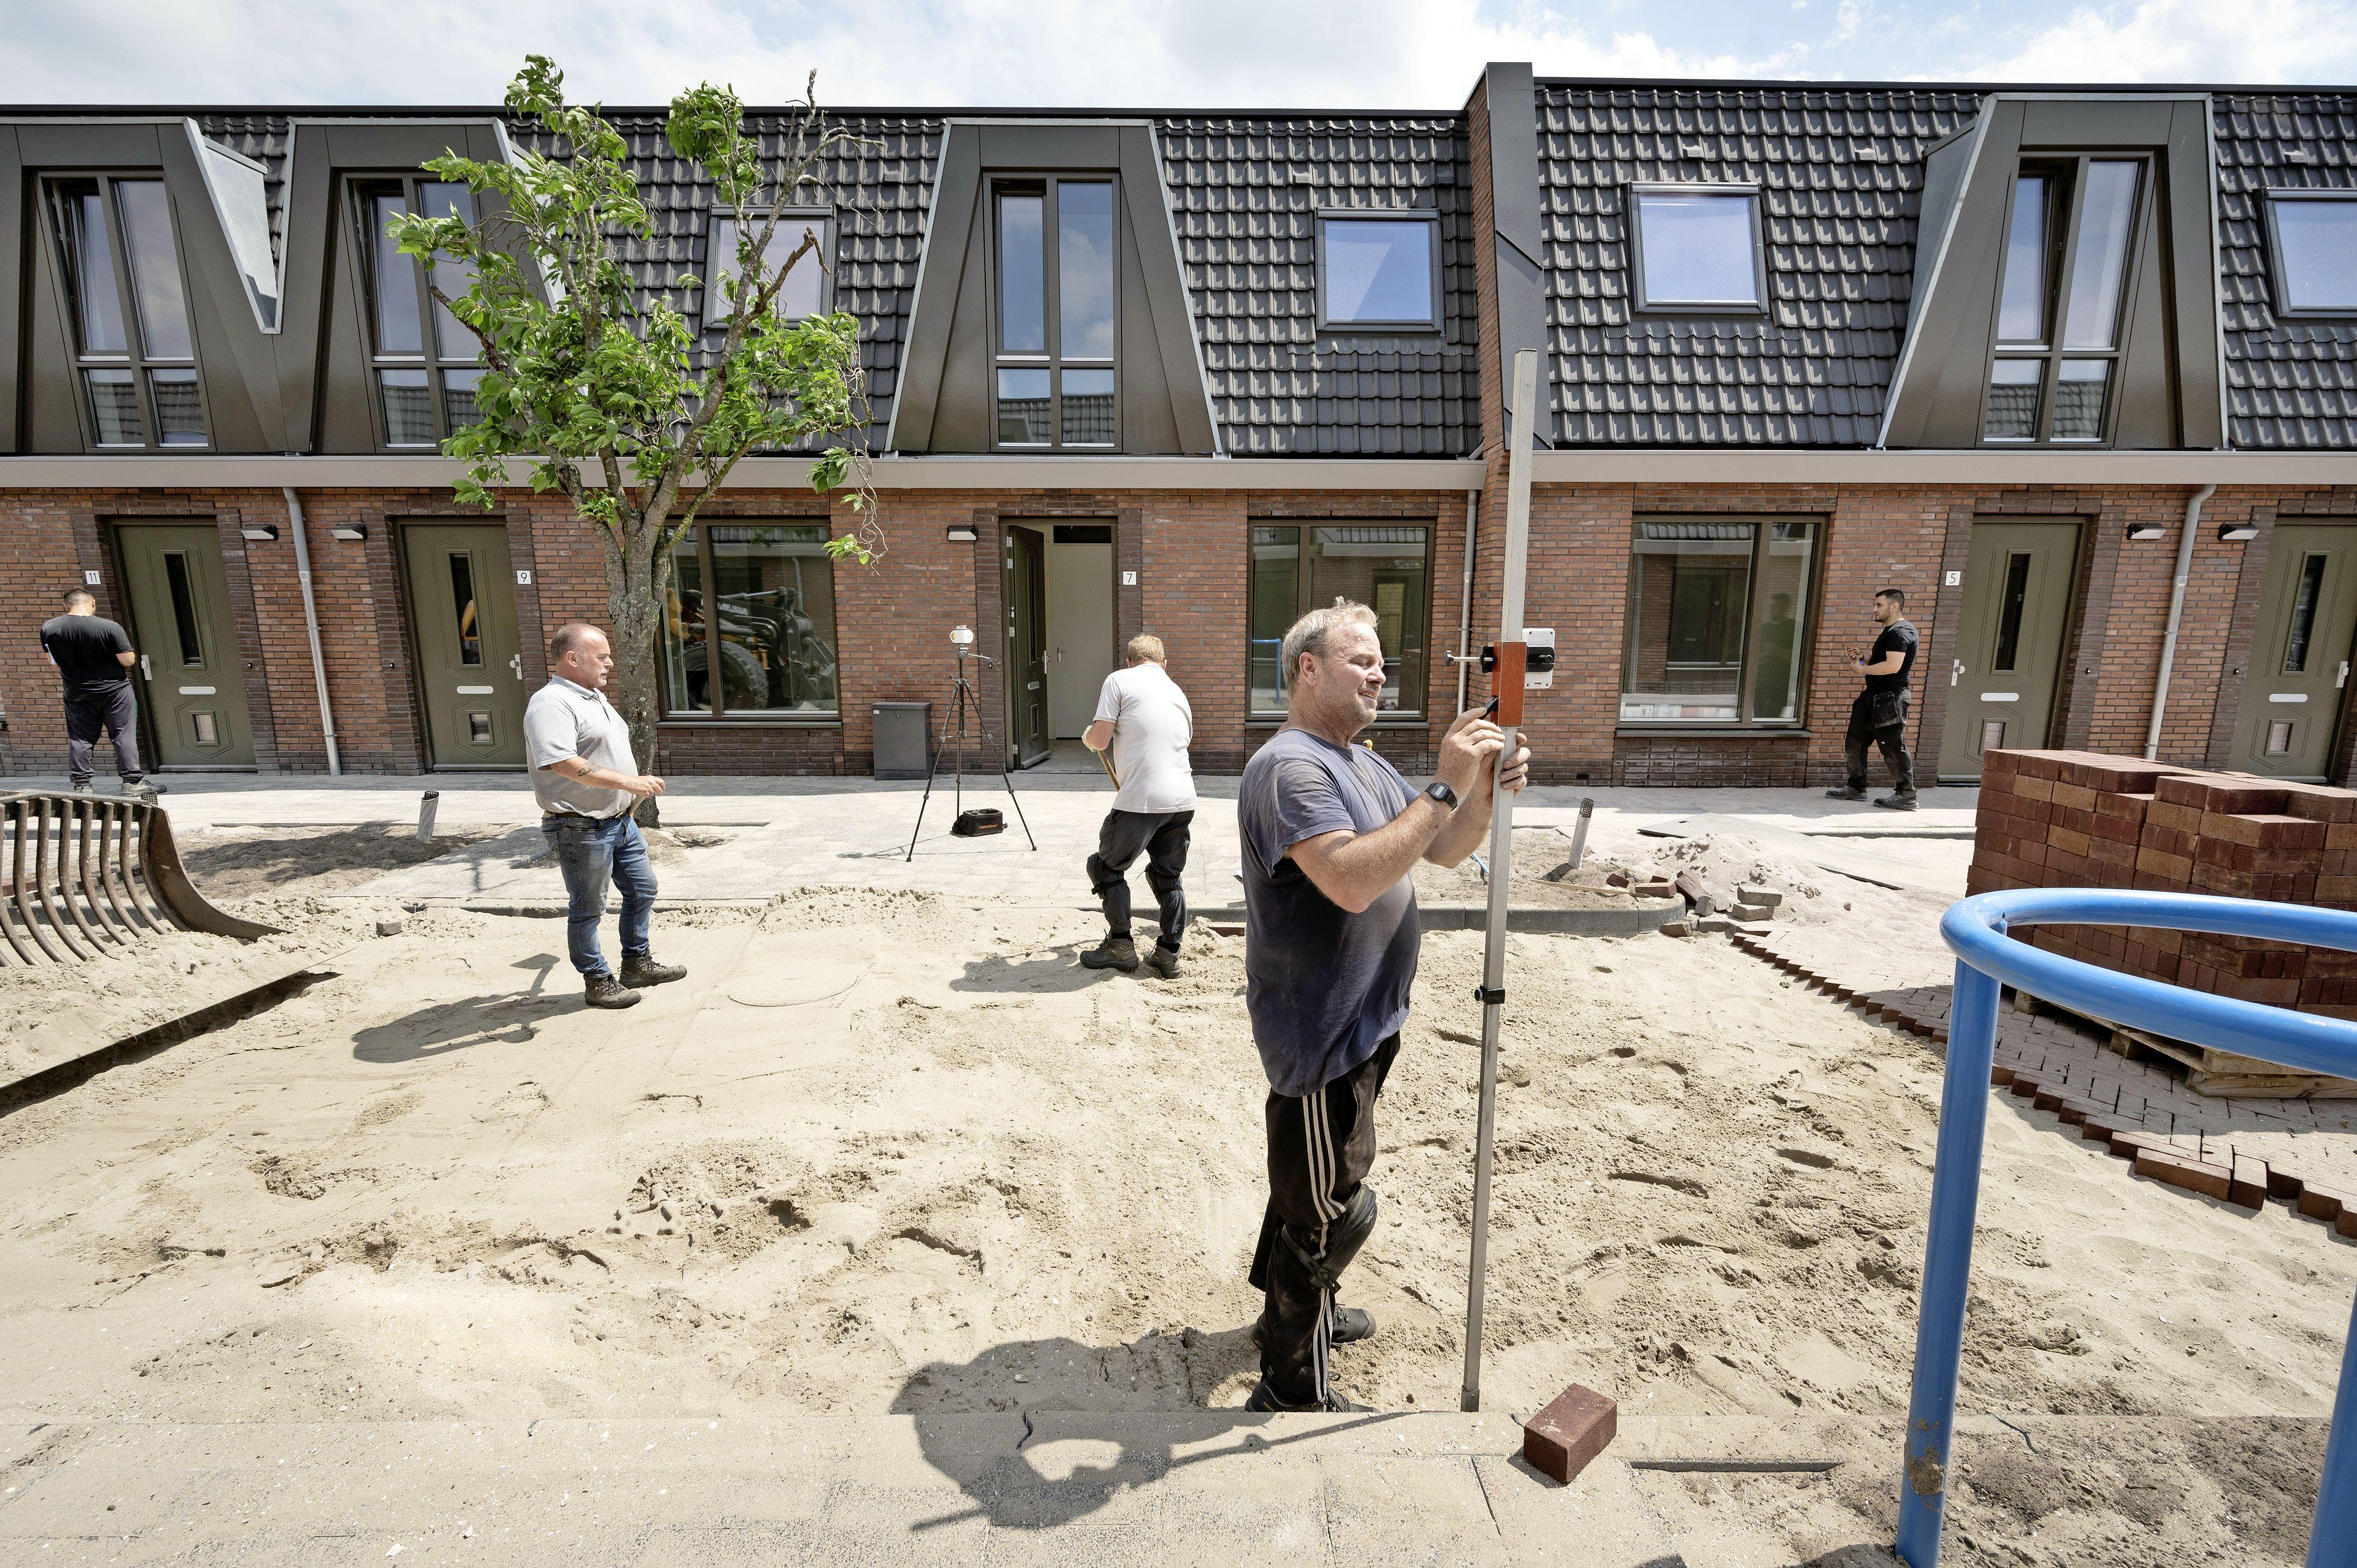 Nieuw leven tussen oude zeehelden, langdurige opknapbeurt Leidse wijk nadert voltooiing